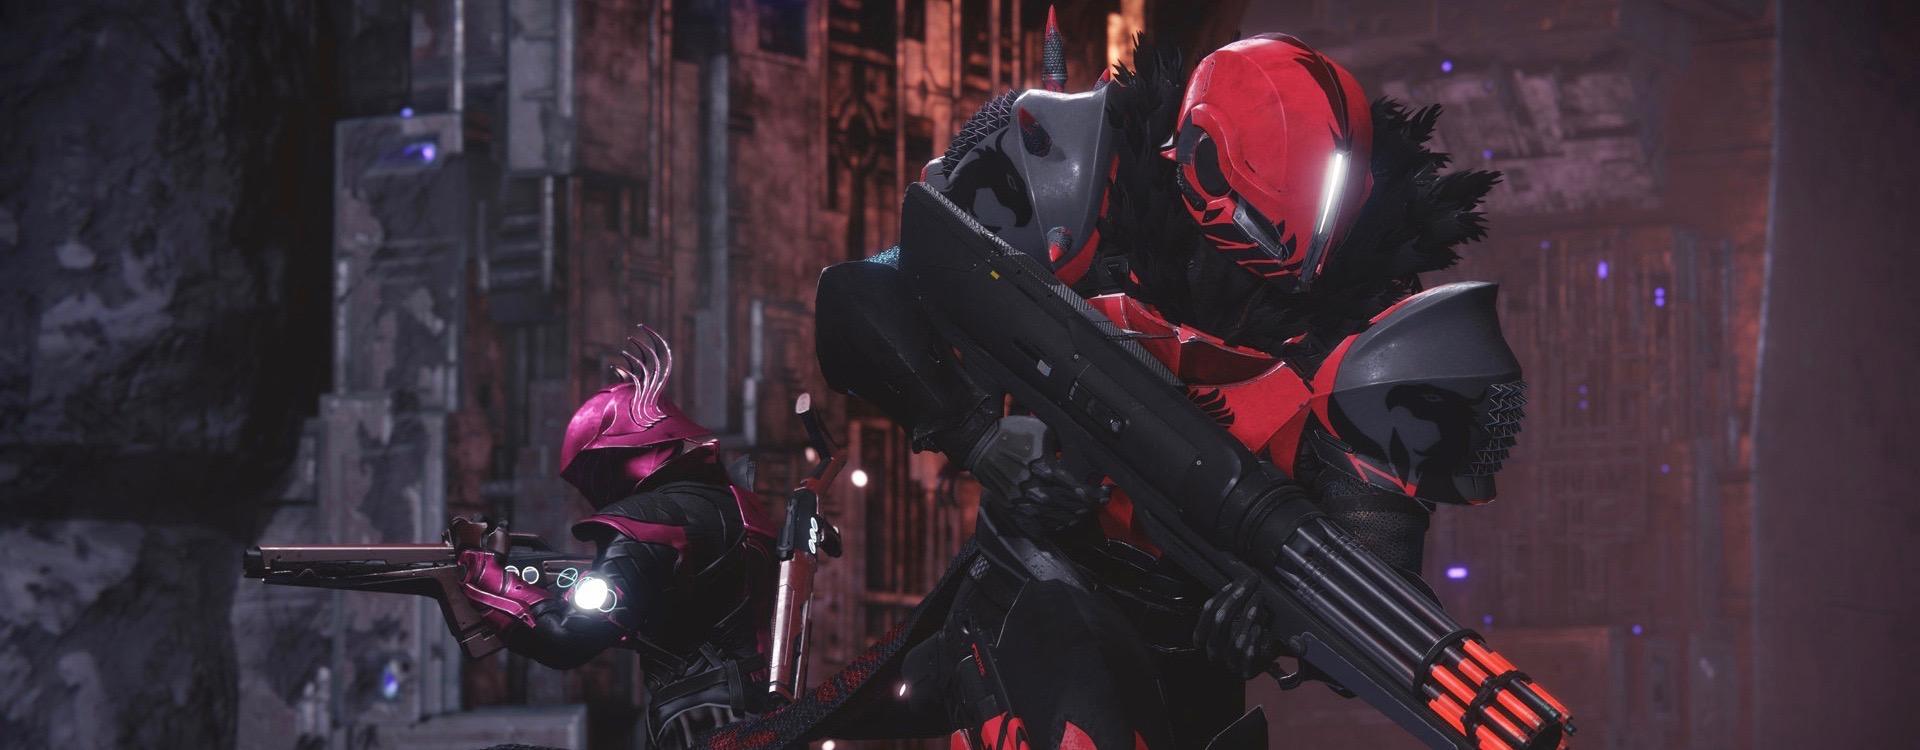 Destiny 2: So schaltet Ihr geheime Triumphe der Scharlach-Woche frei